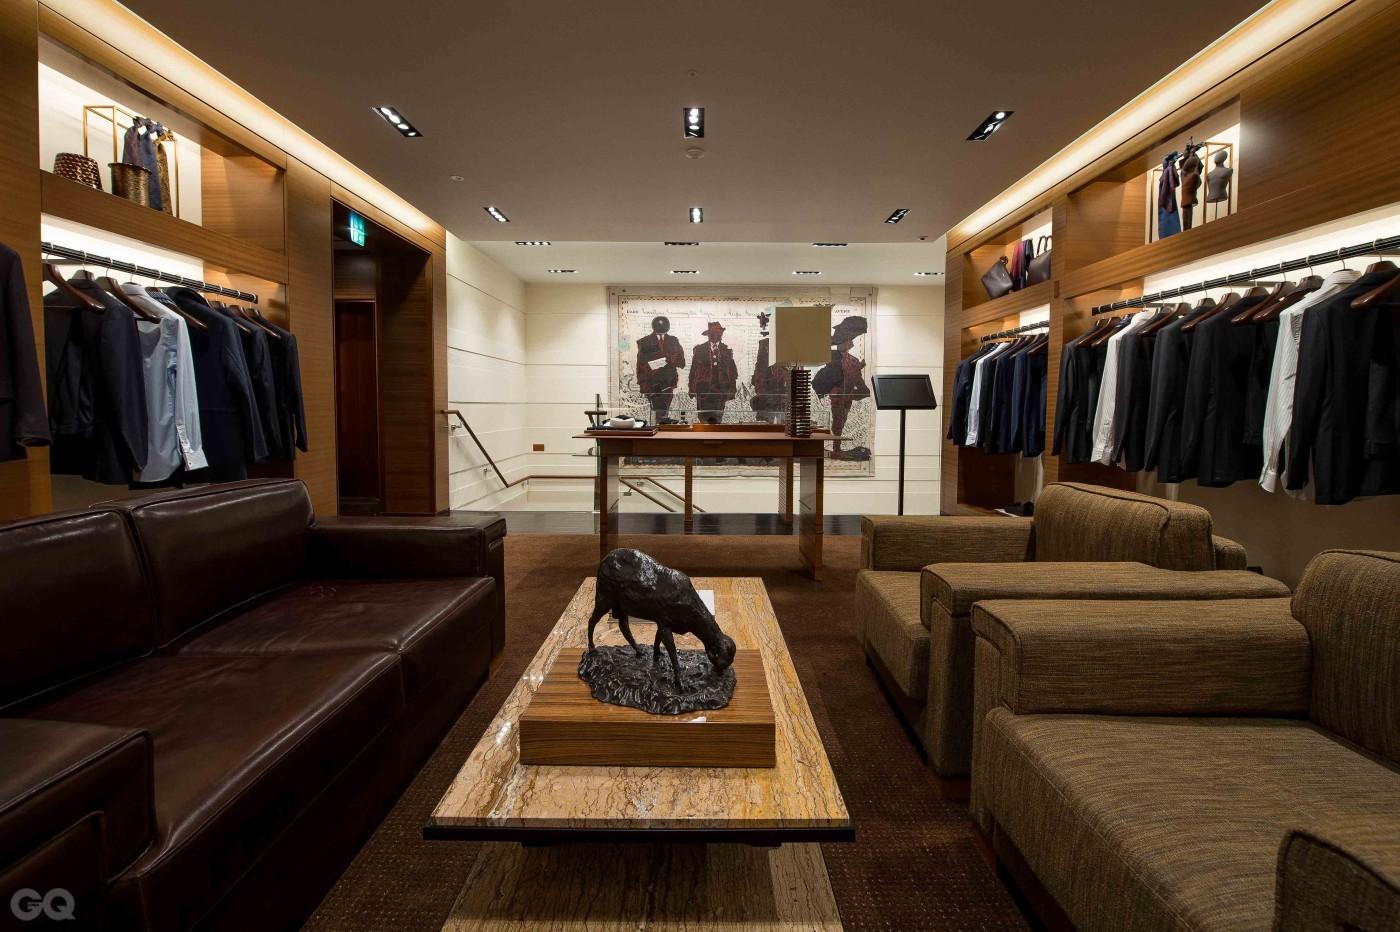 11_NBS Zegna Global Store Fourth Floor